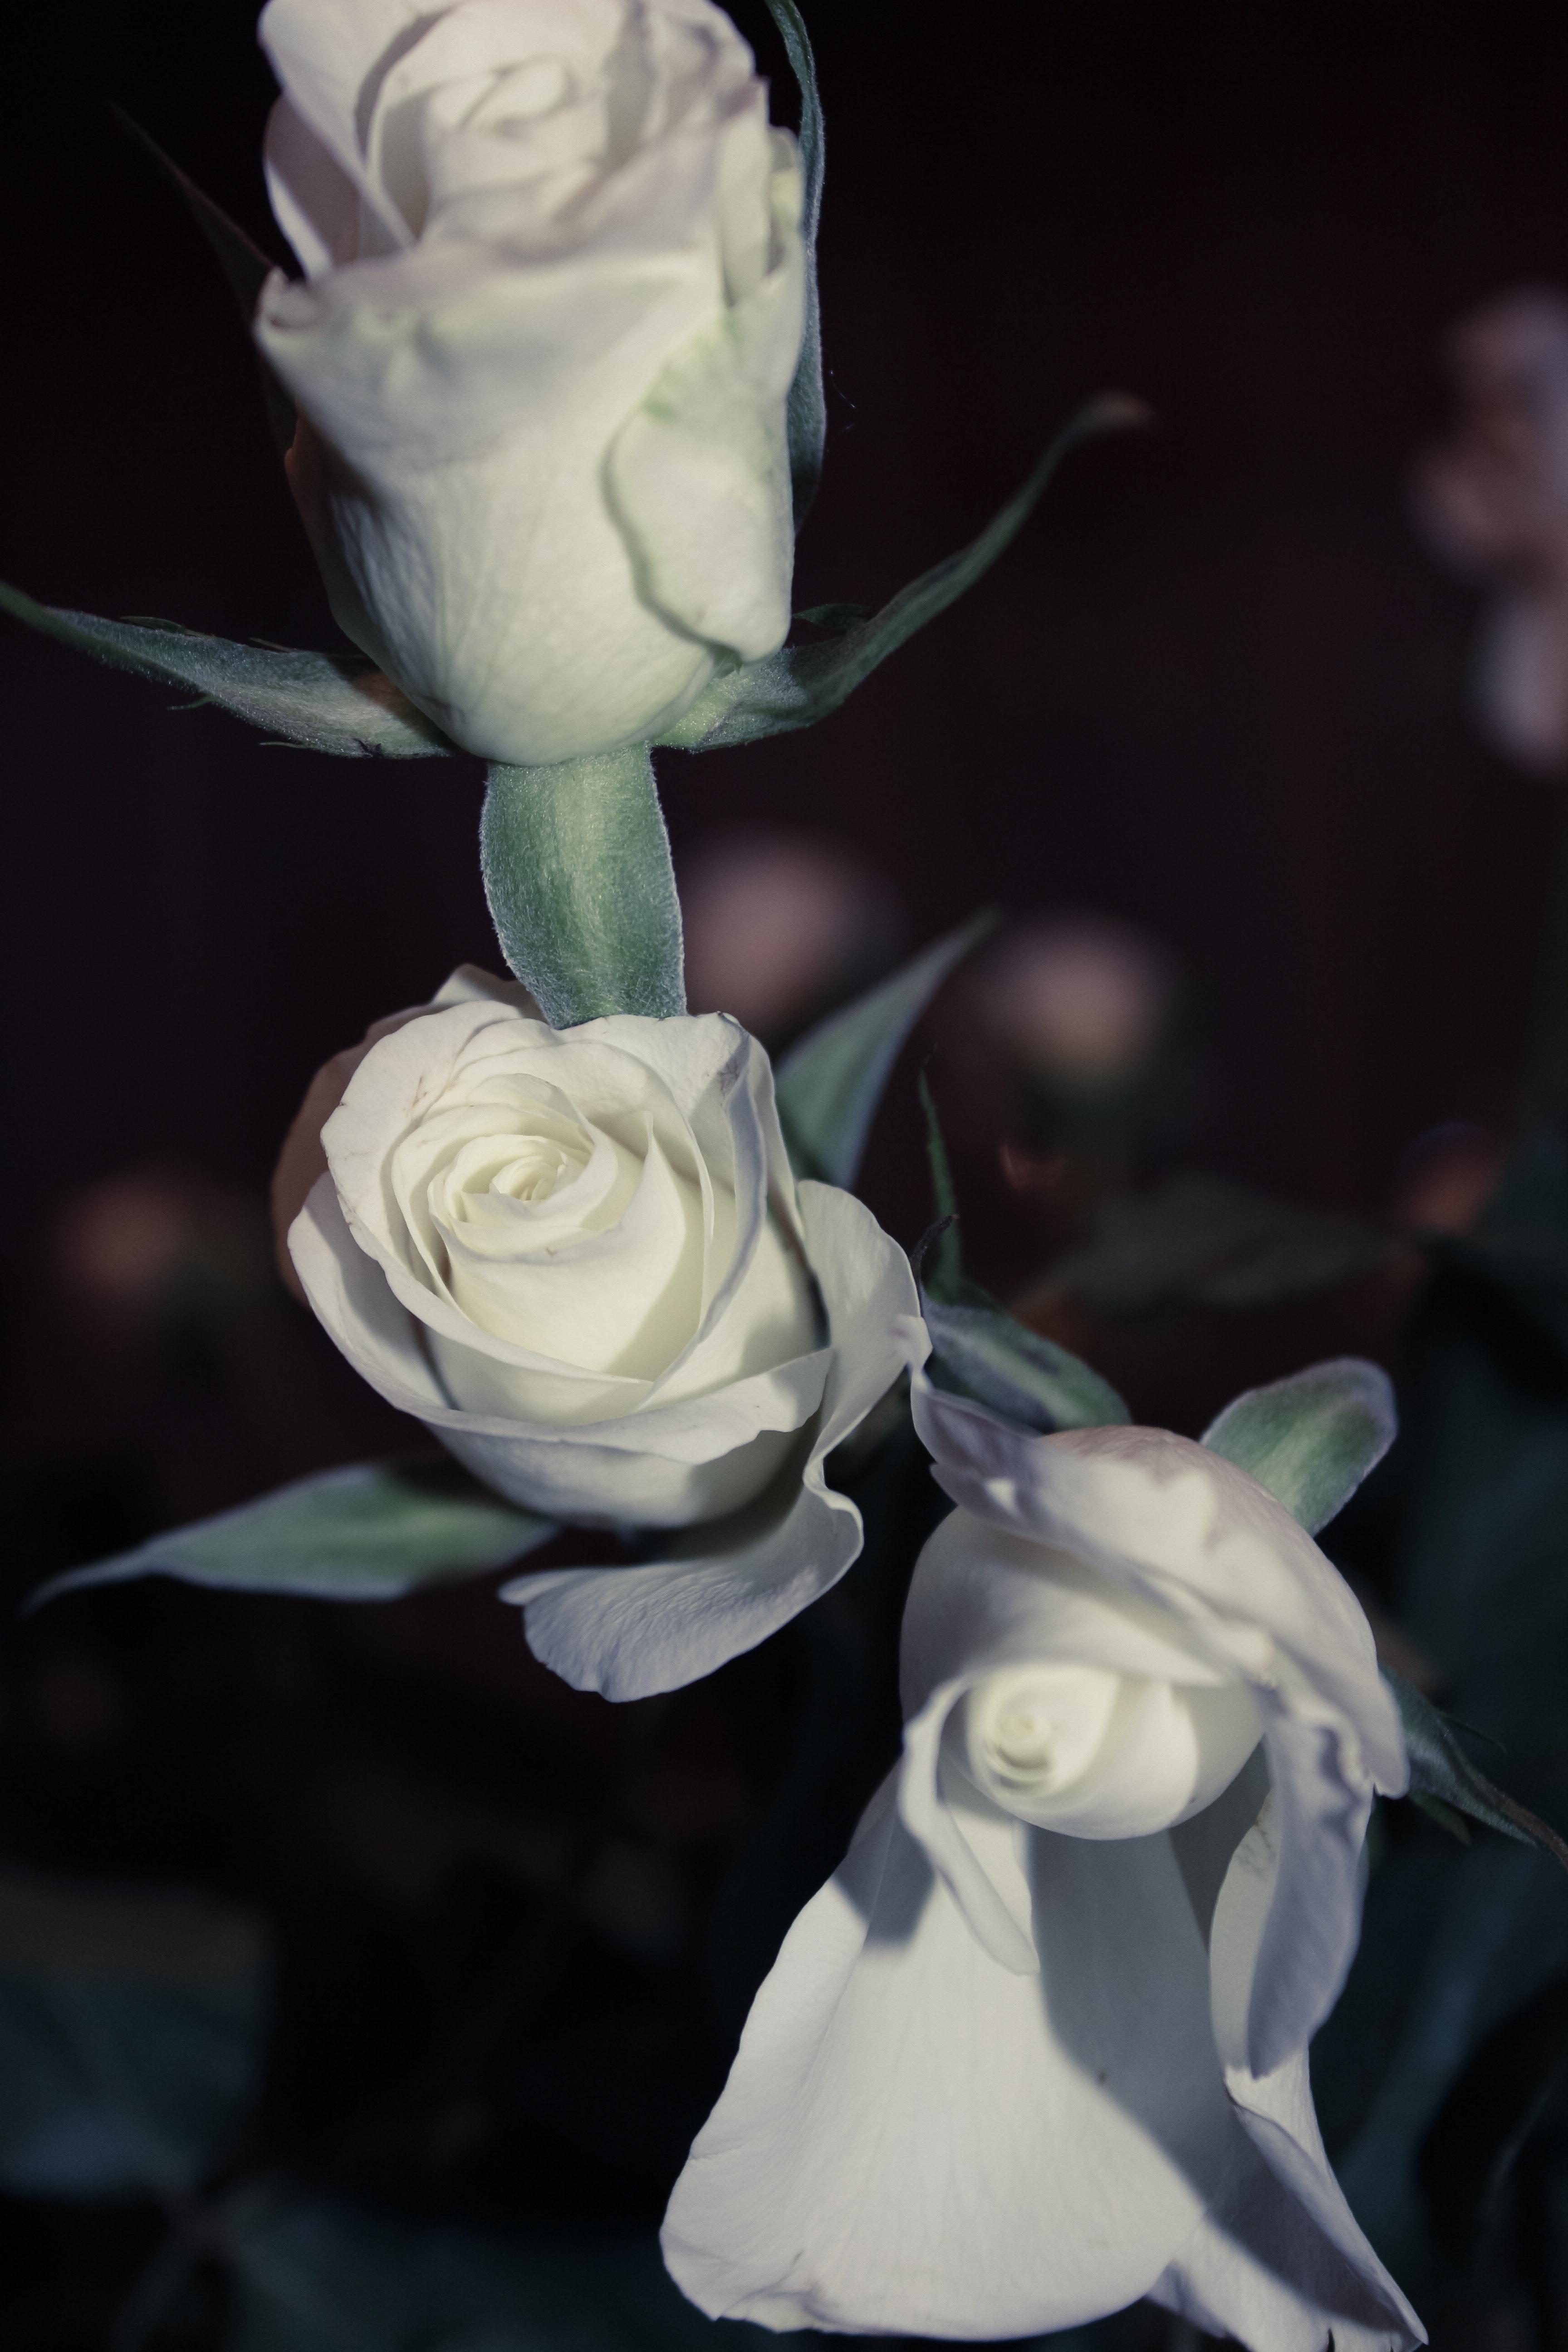 white roses flower 79539.jpeg?cs=srgb&dl=pexels tookapic 79539